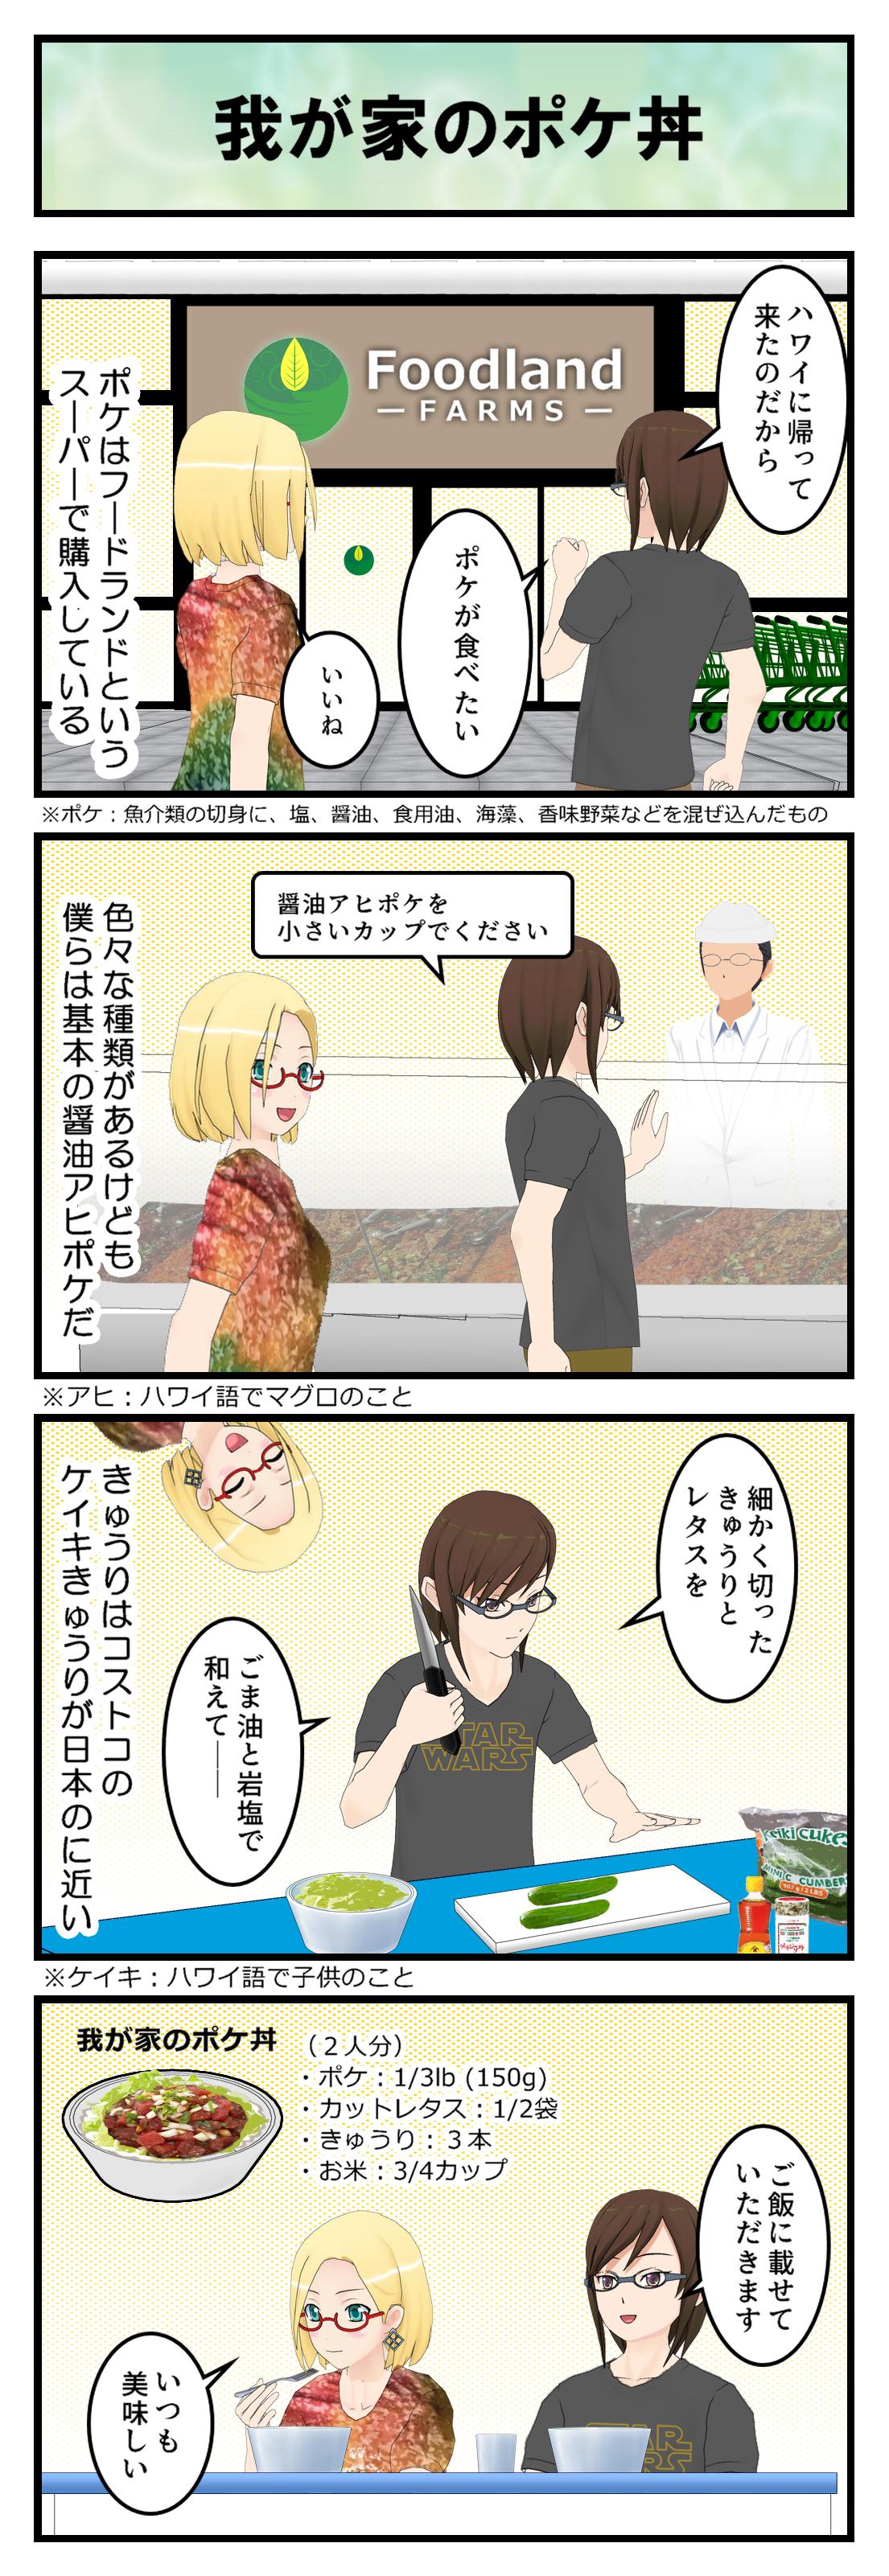 R049_噂のポケ_001